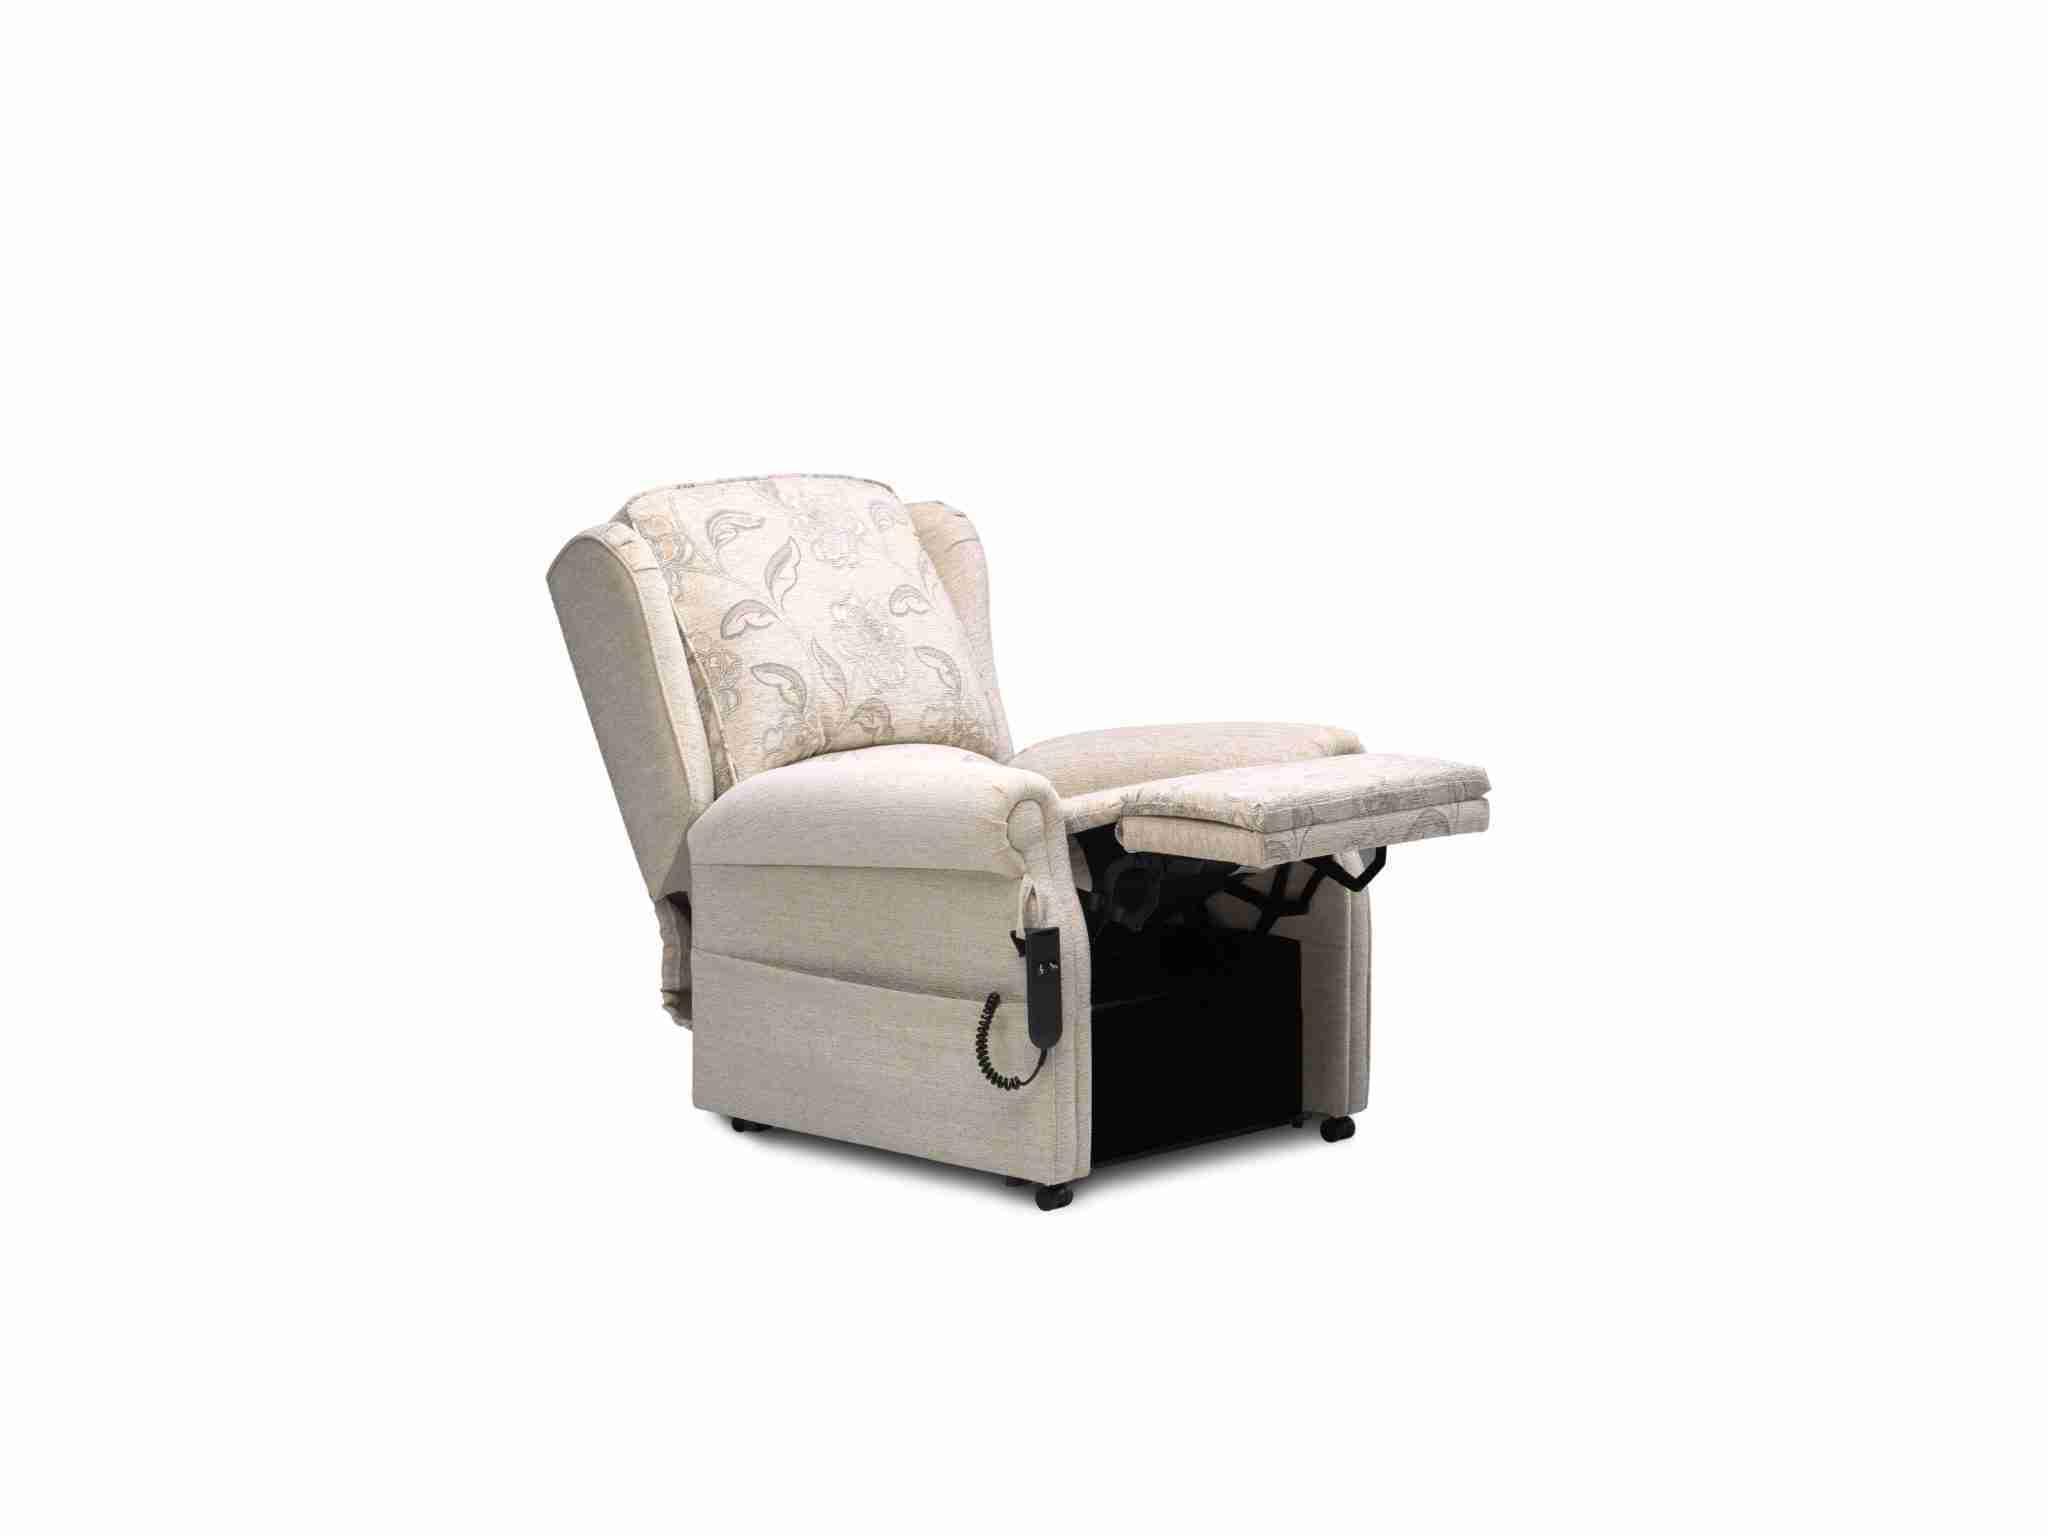 Westbury 2 Chair Repose004